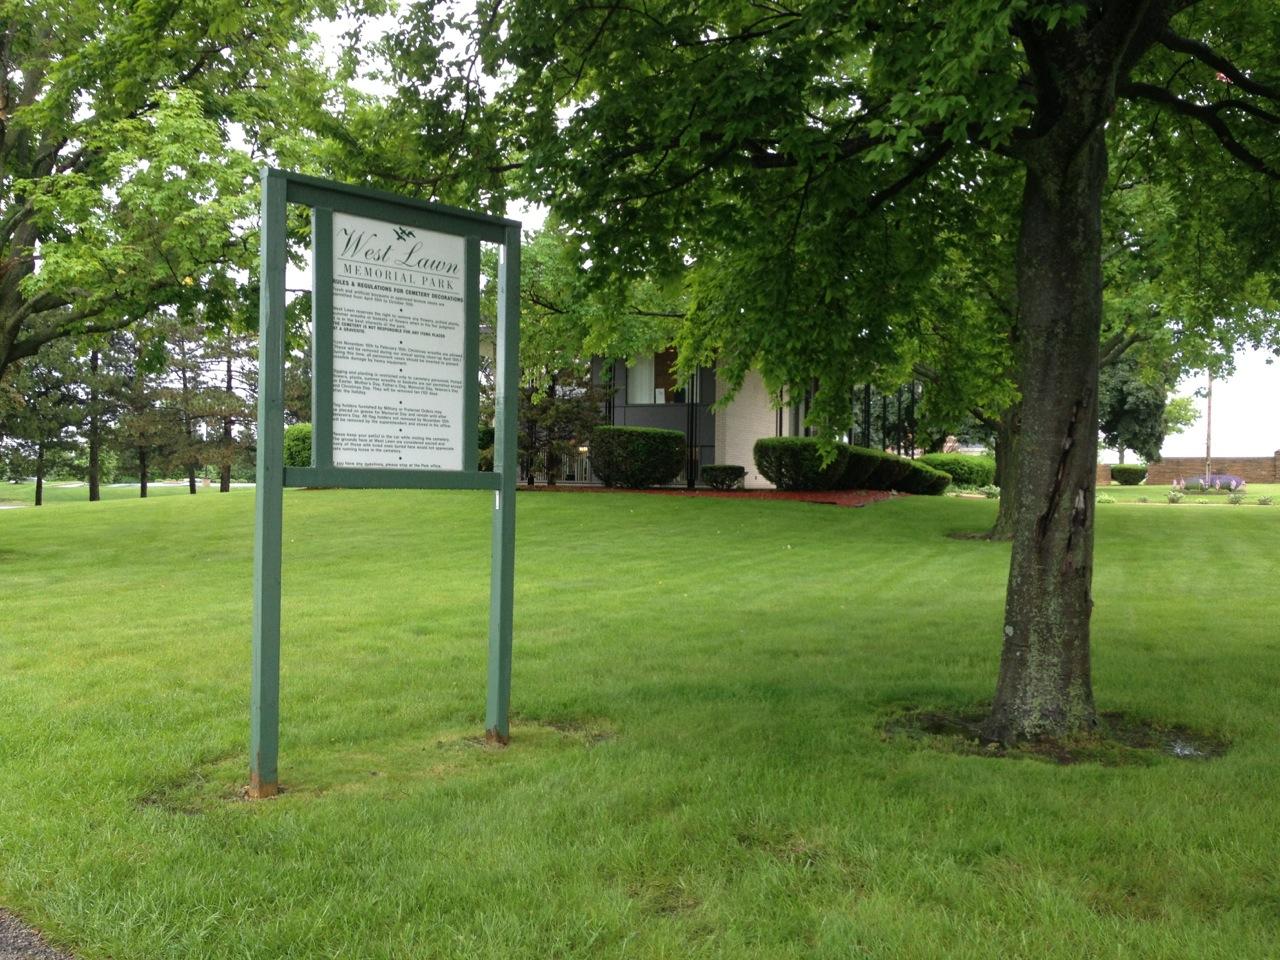 West Lawn Memorial Park